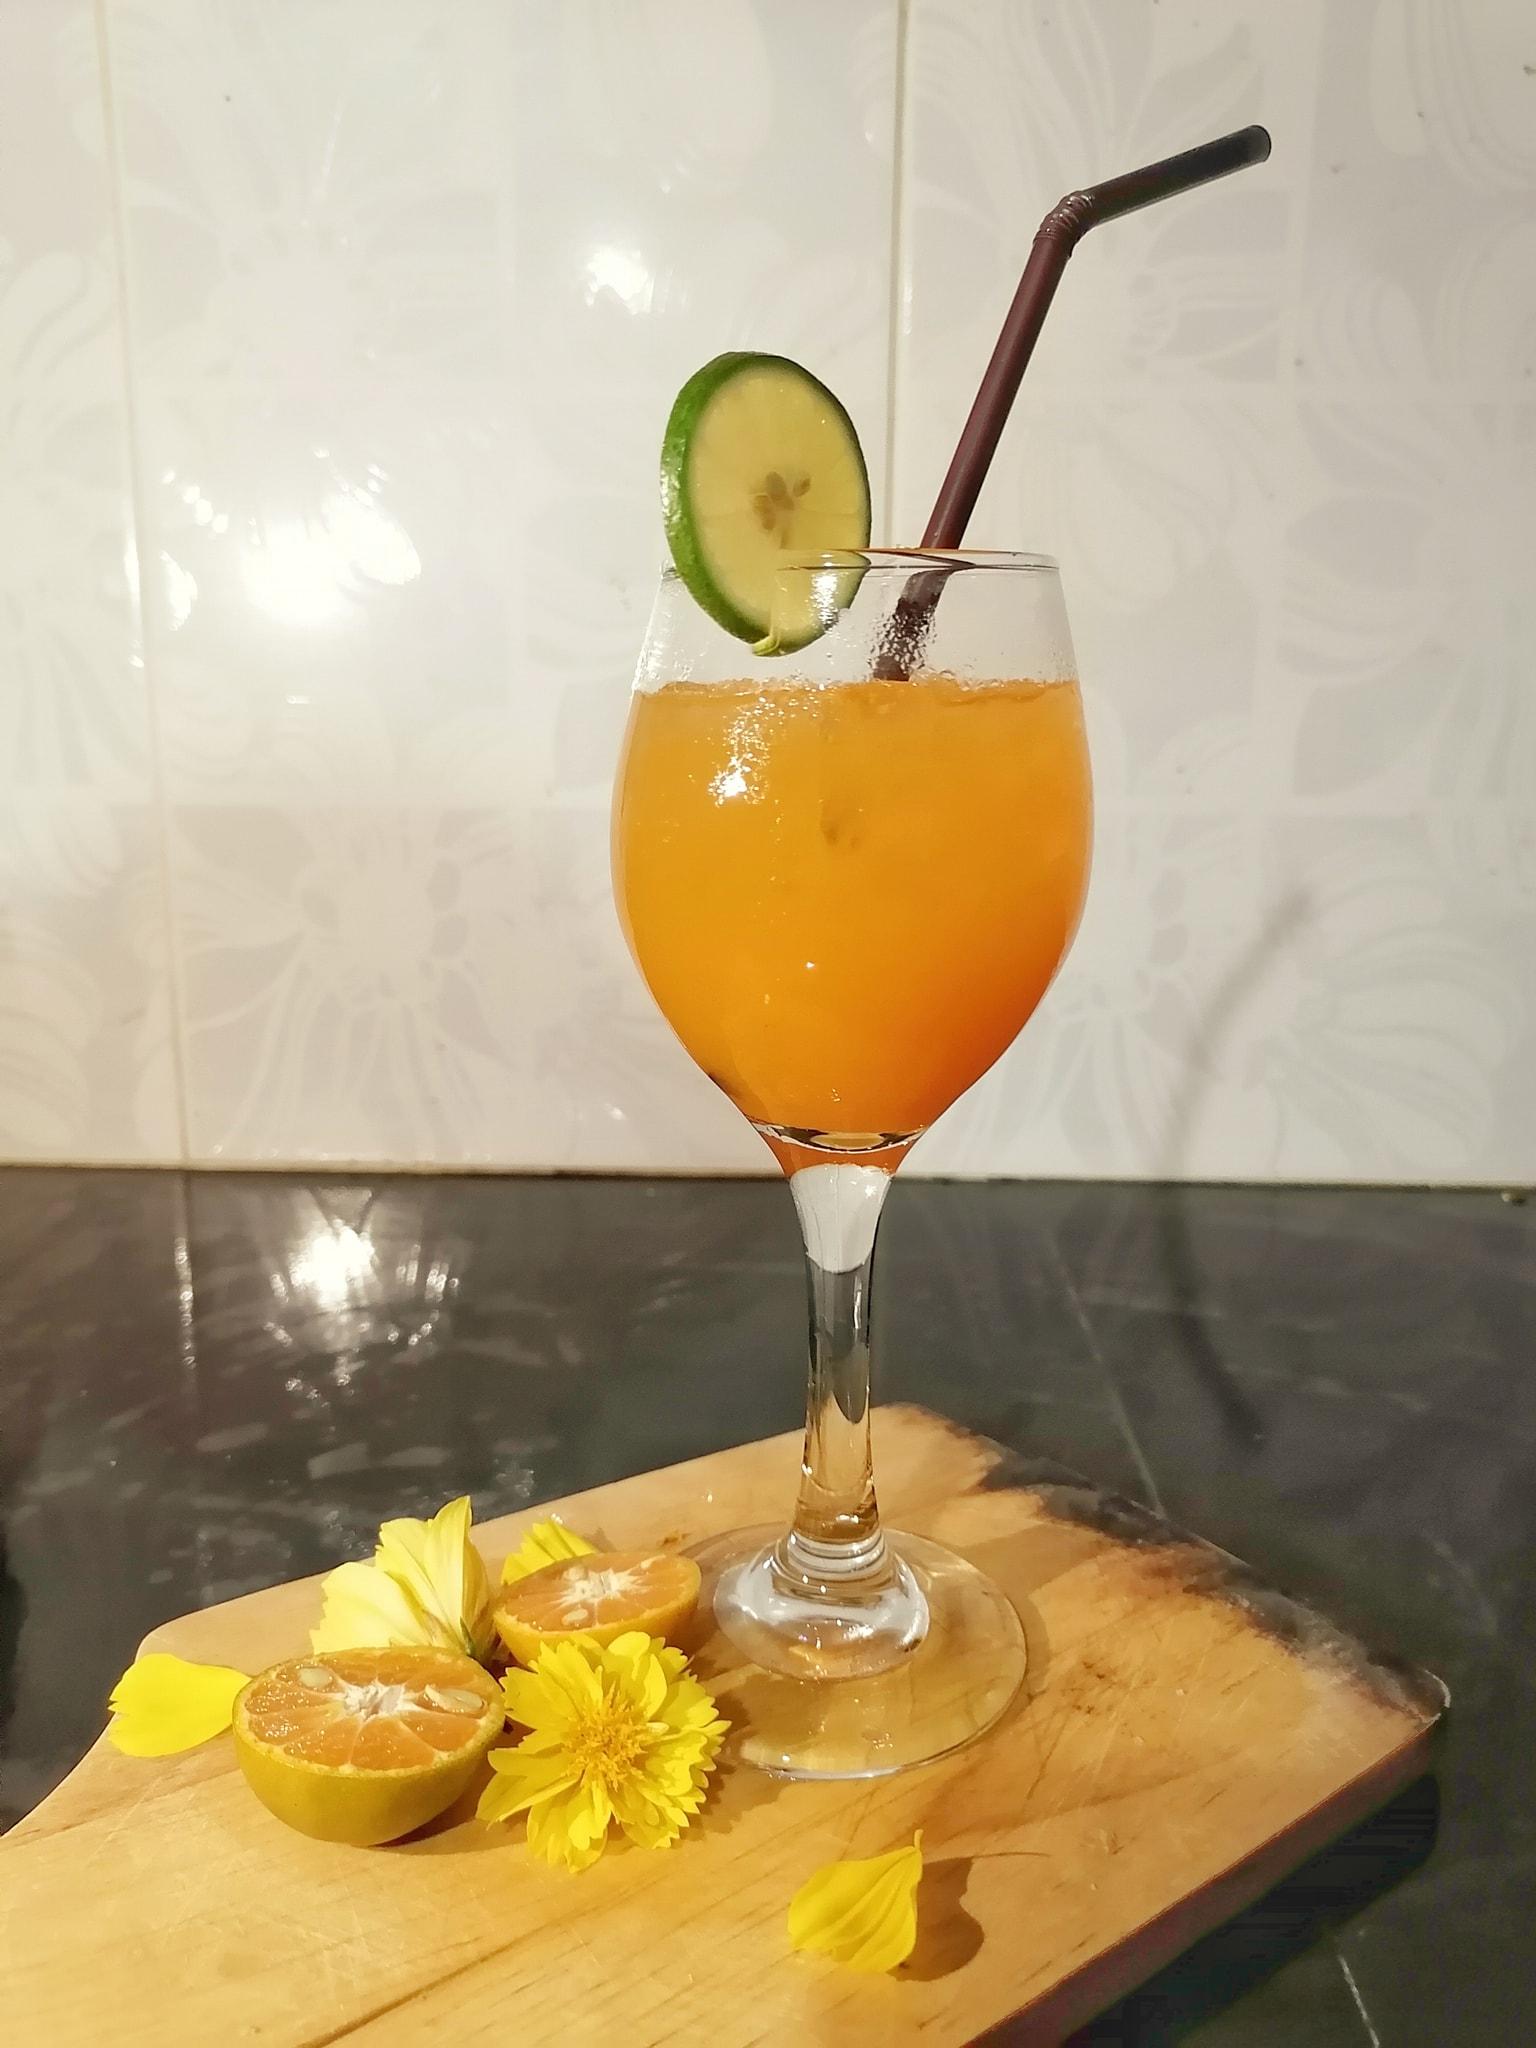 น้ำส้มคั้นอินทรีย์ สูตรอาหาร วิธีทำ แม่บ้าน